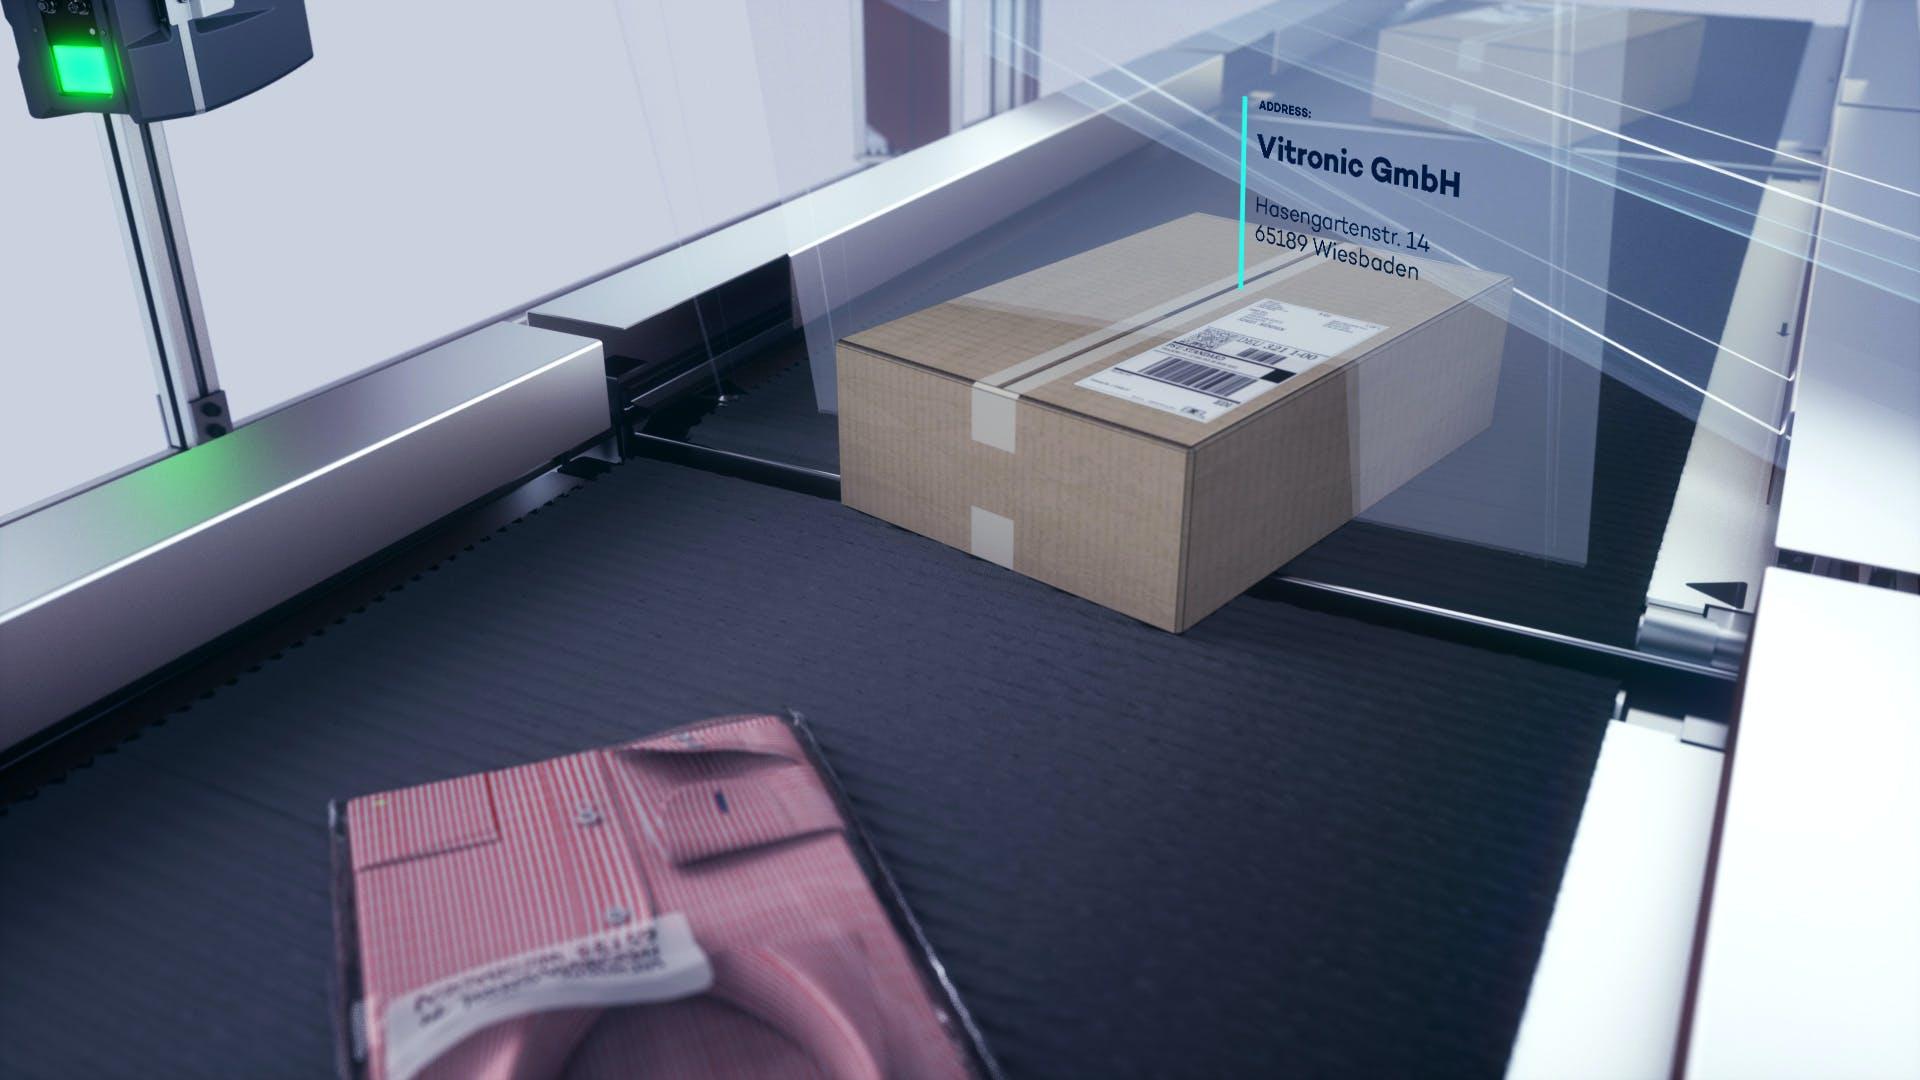 Ein Hemd und ein Paket bei der Datenerfassung durch ein Auto-ID-System von VITRONIC.